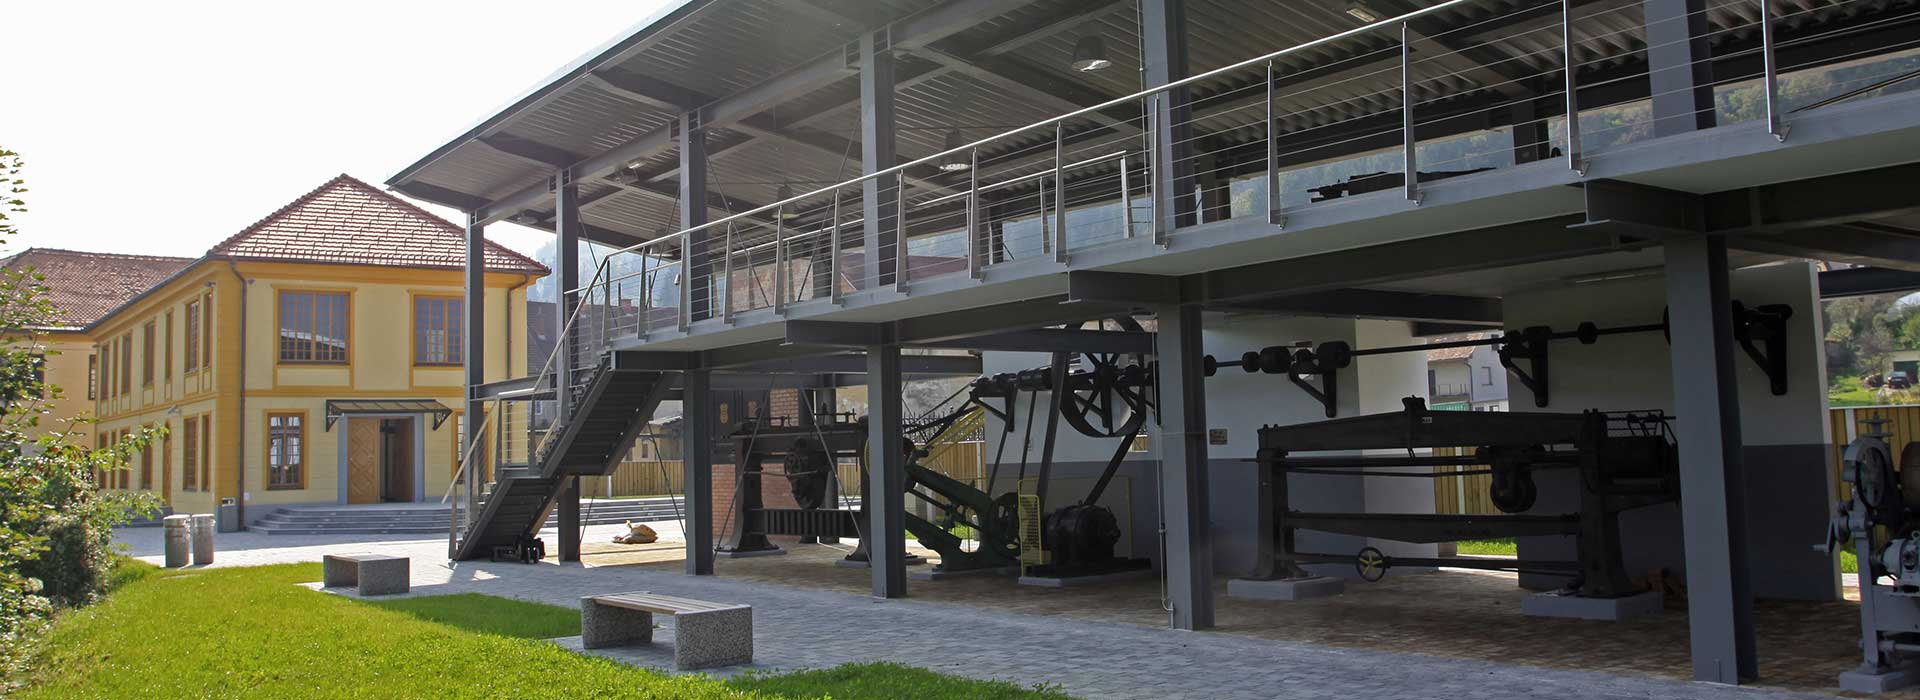 MUSEO DELLA PELLETTERIA IN SLOVENIA